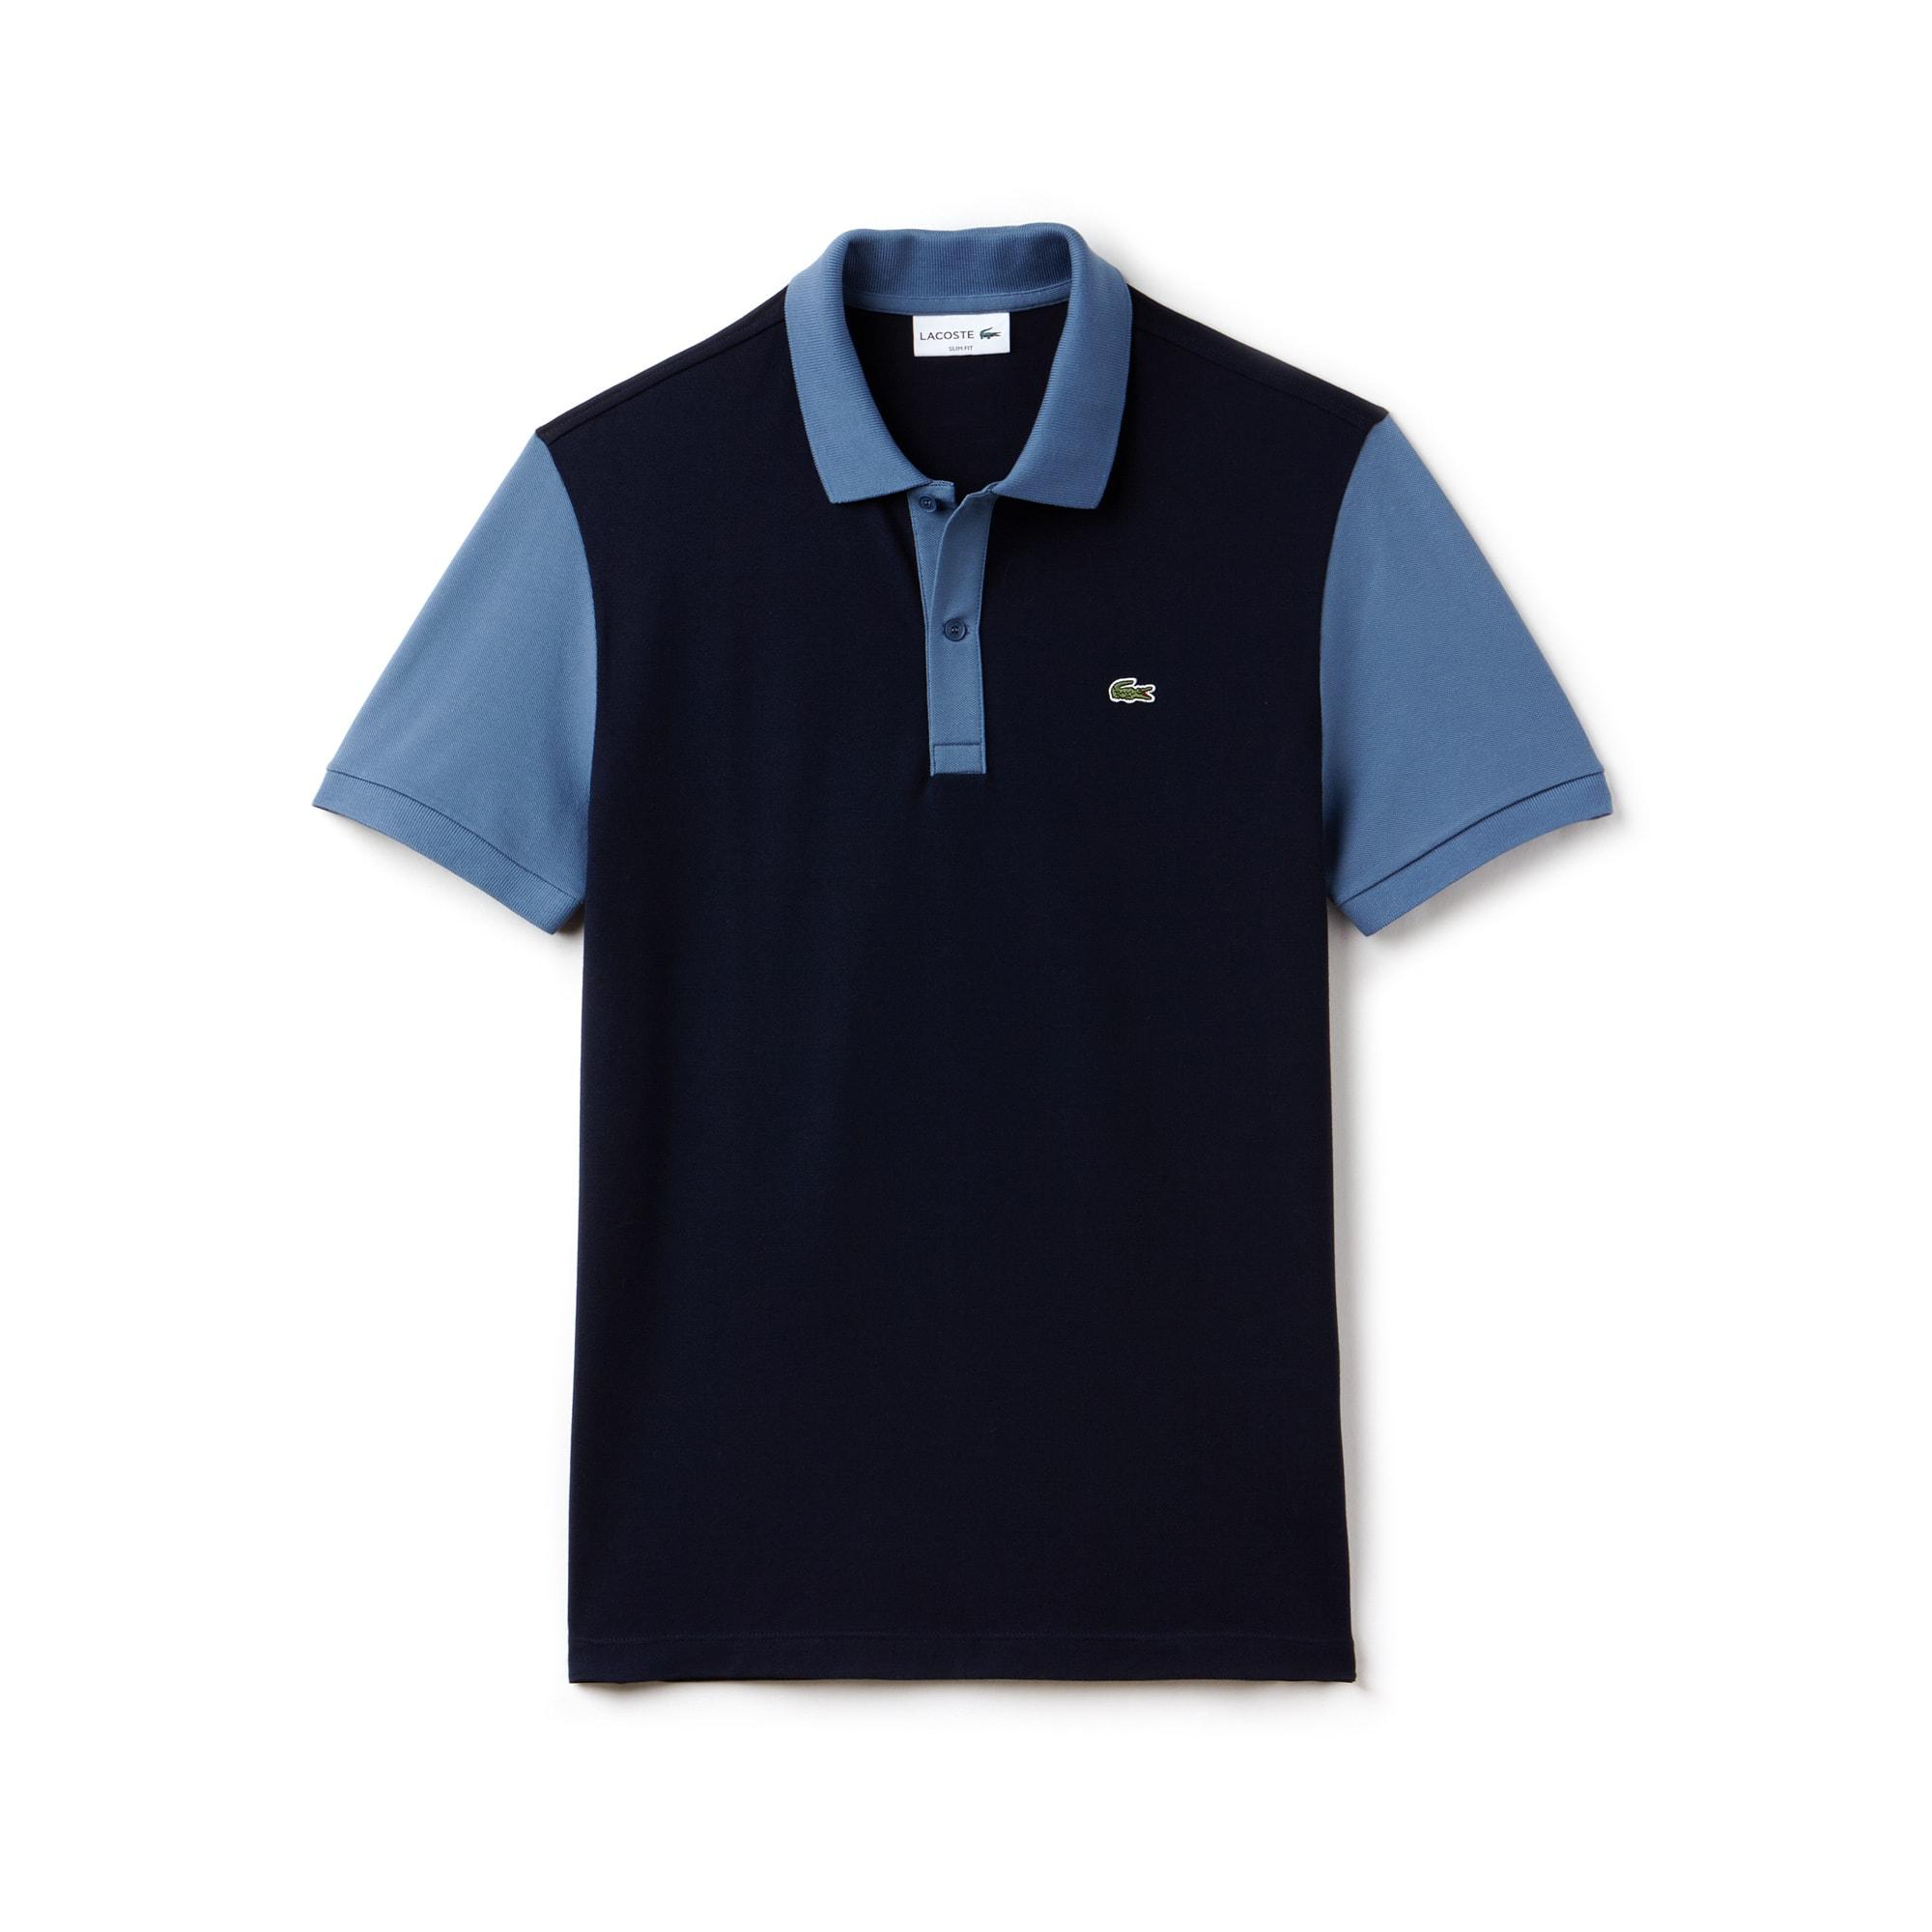 c4f996d5 All Super Sale | Sale | LACOSTE